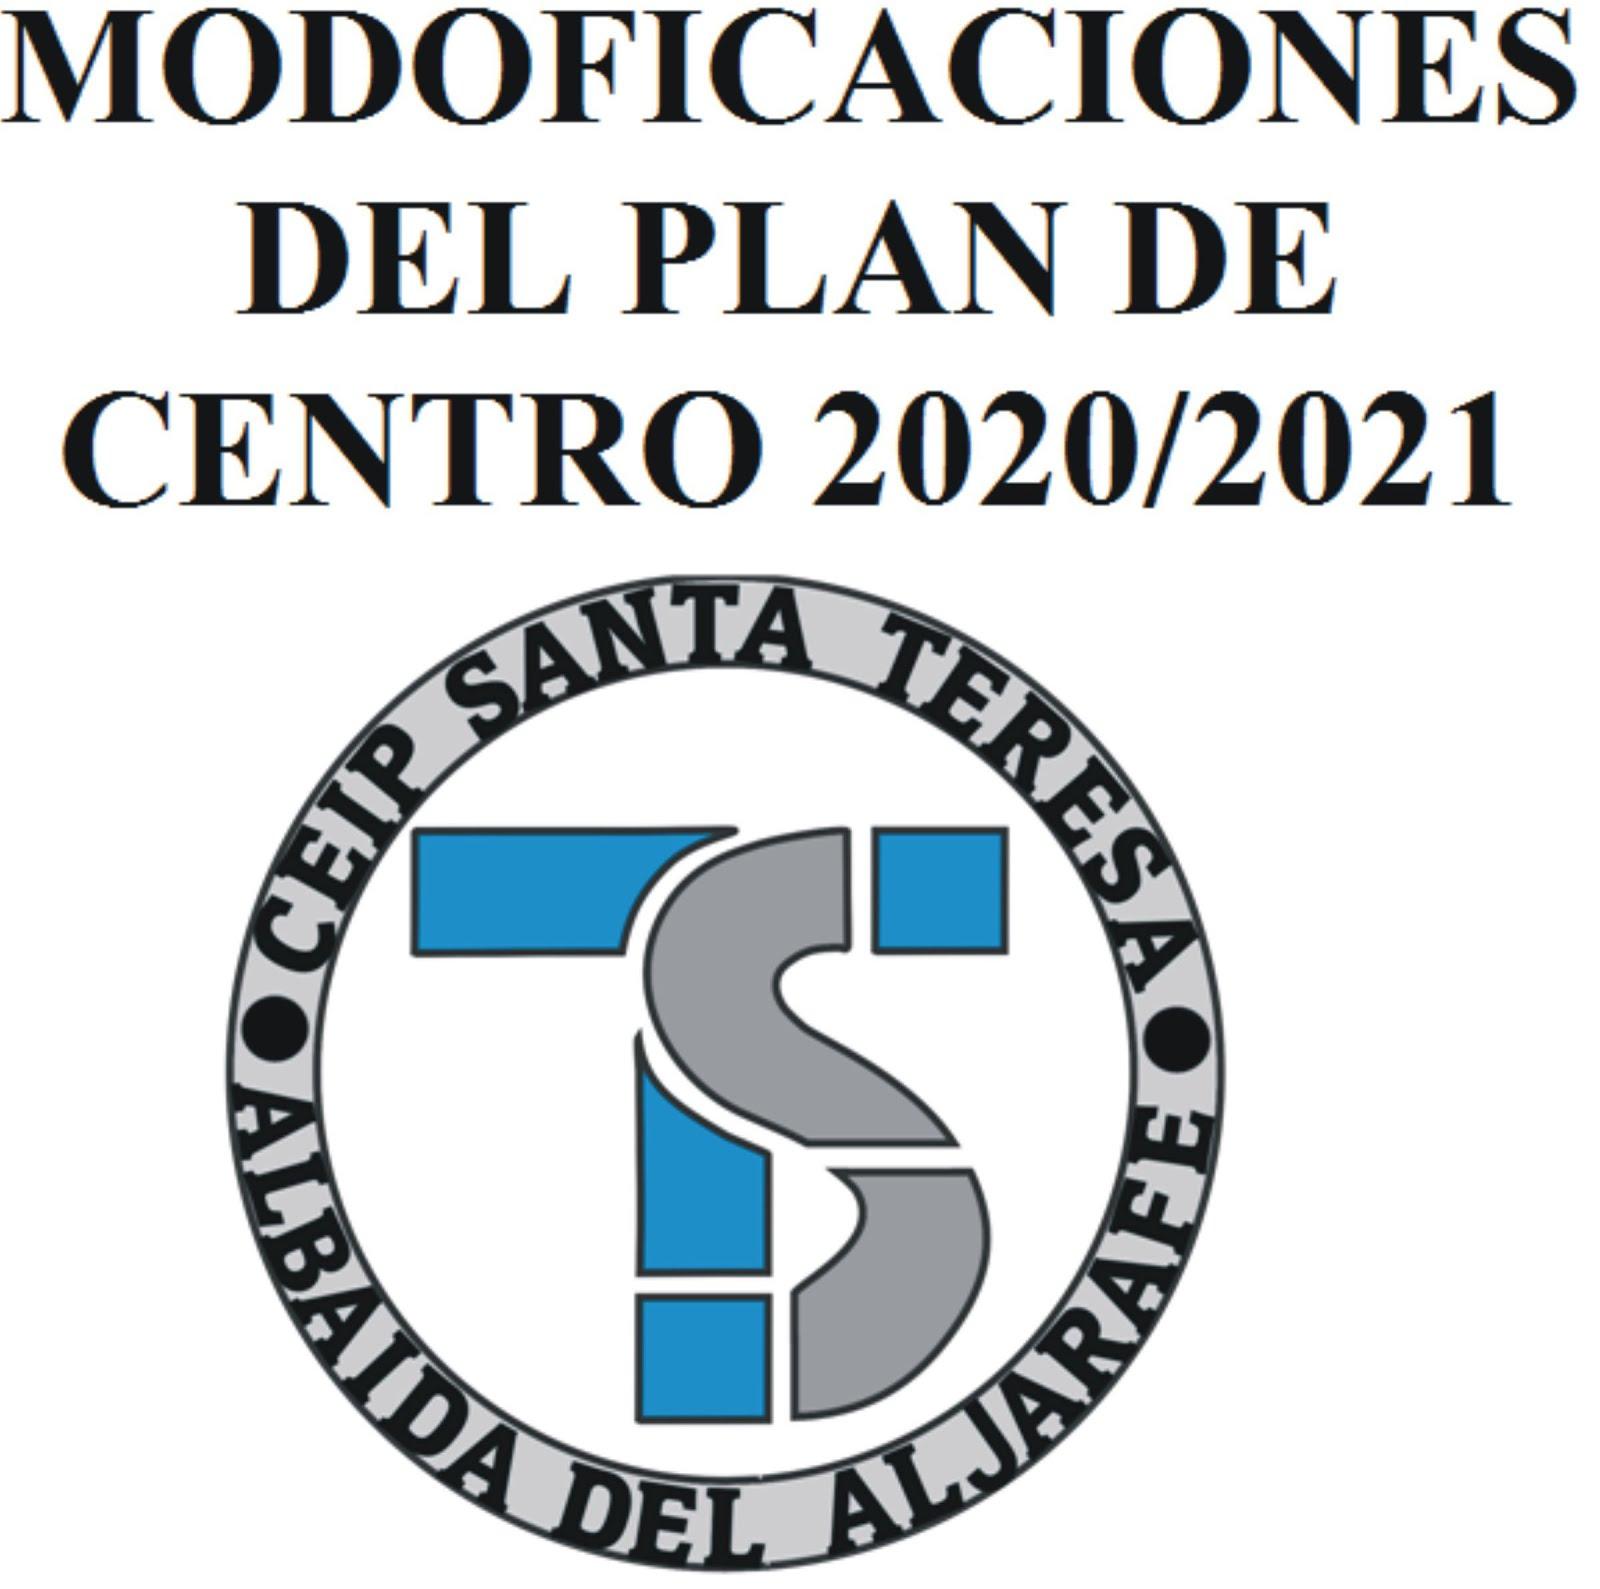 MODIFICACIONES DEL PLAN DE CENTRO.